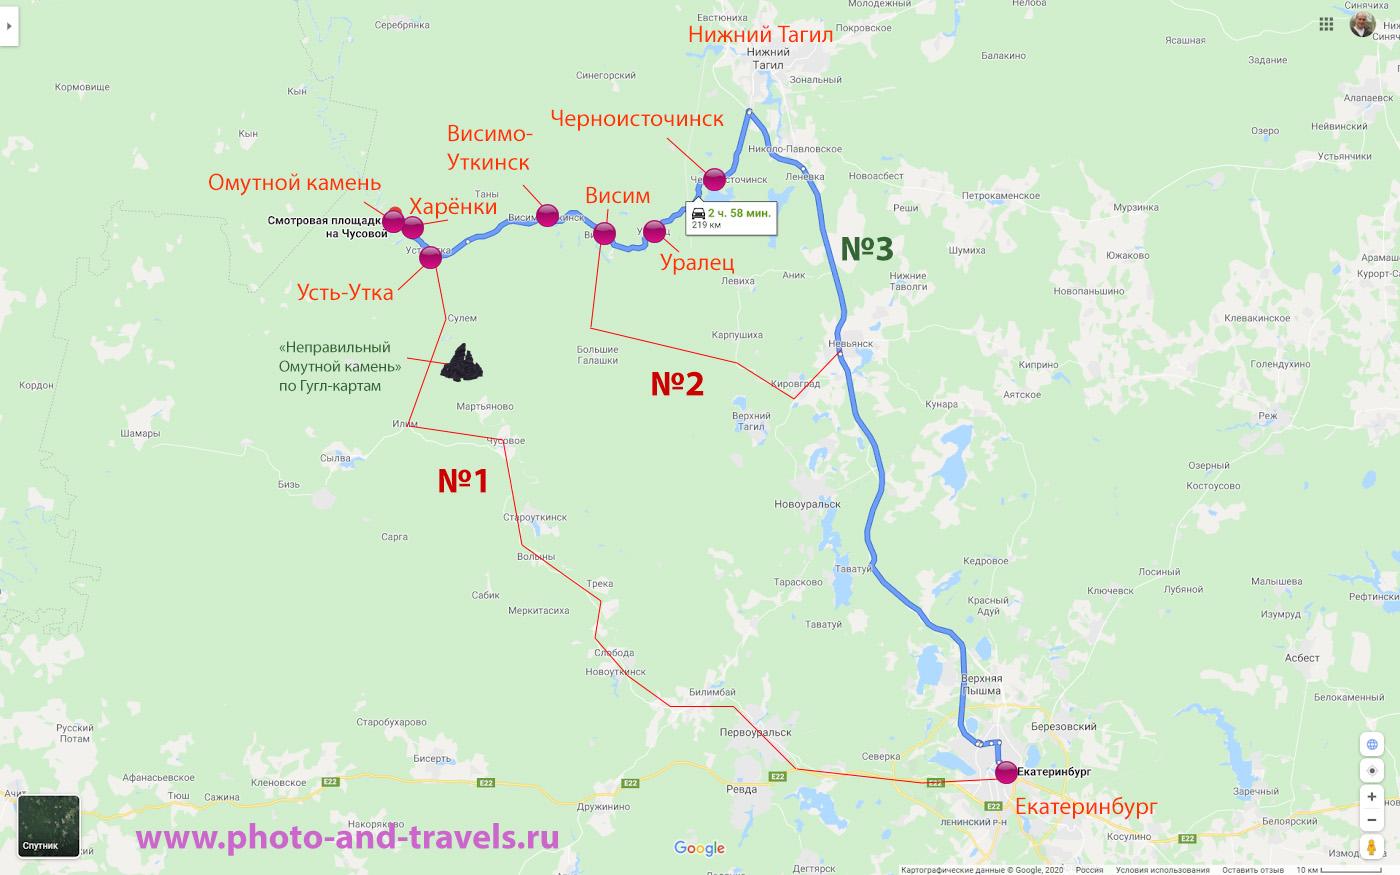 22. Карта маршрута с описанием, как добраться к Висимо-Уткинскому водопаду и Омутному камню. Приведу координаты GPS по маршруту: